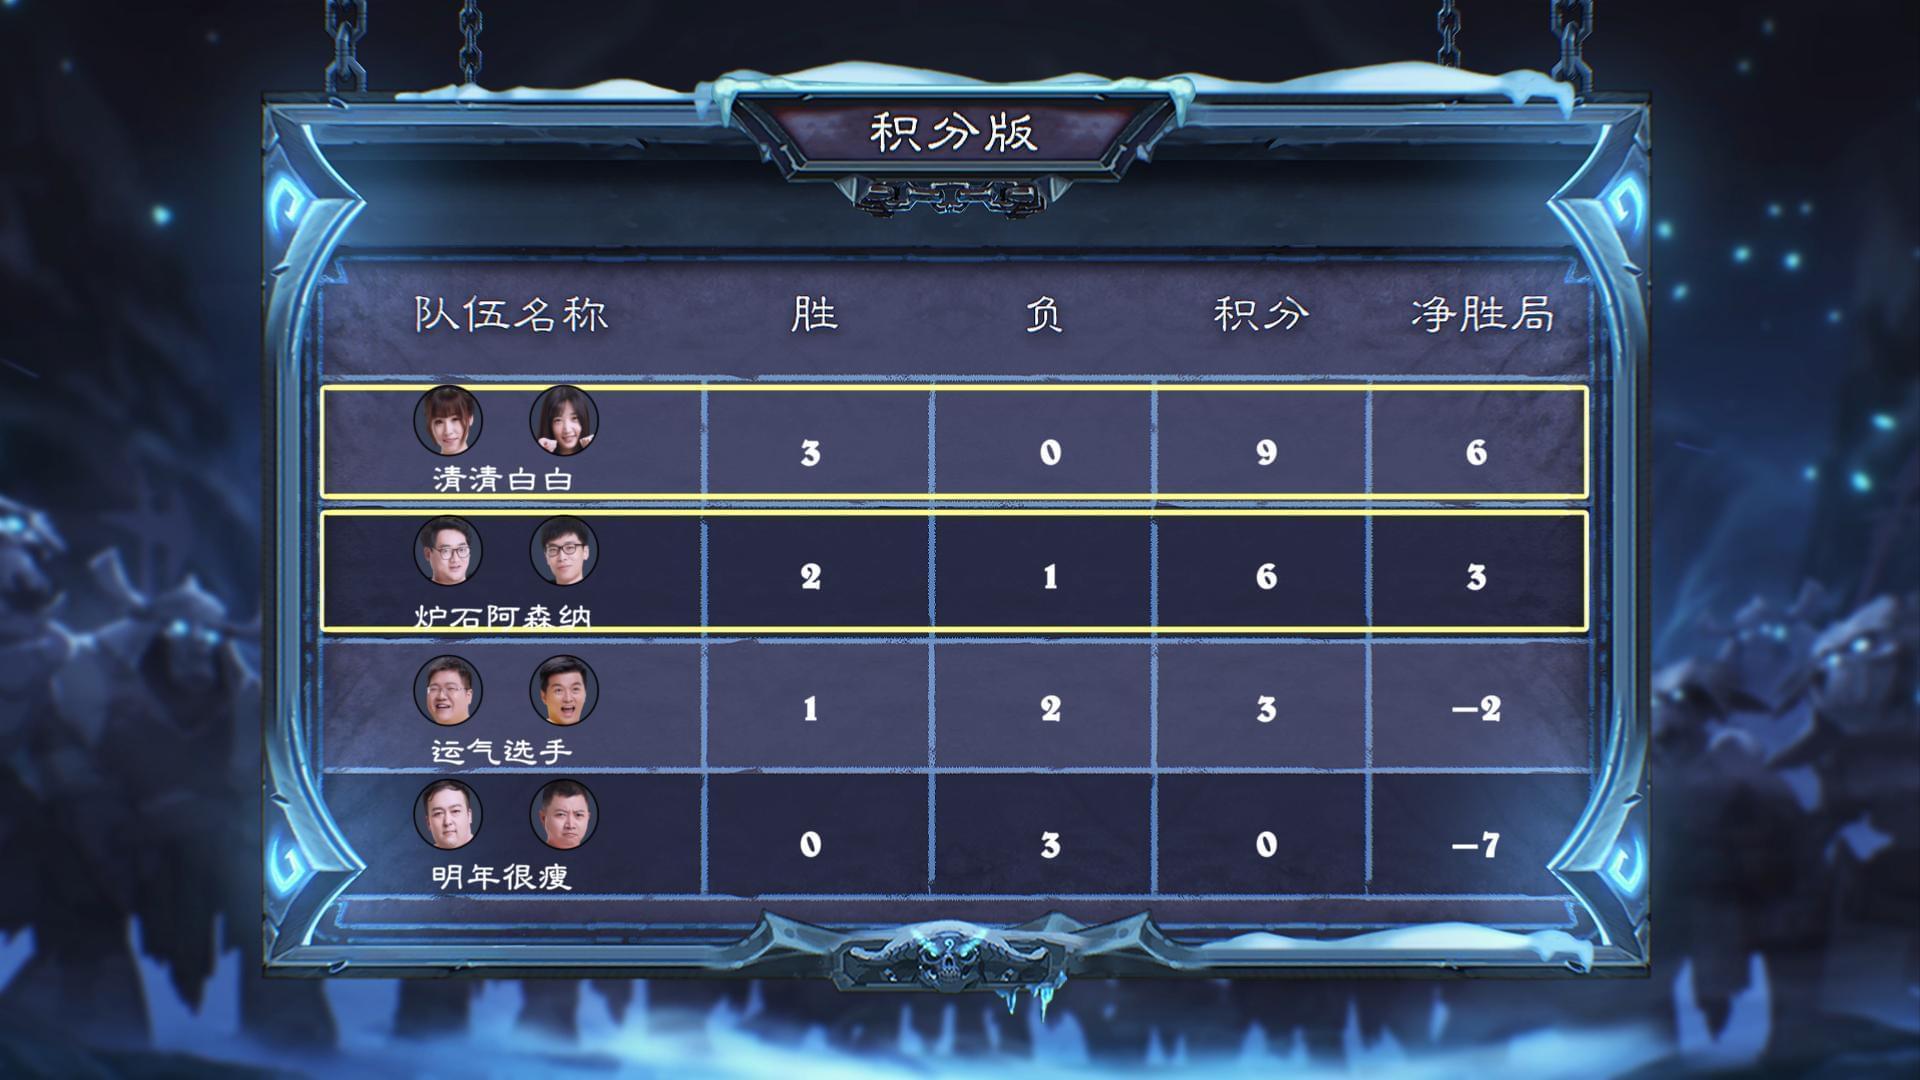 炉石传说现开赛D组:罗西基队携慕容清清战队晋级